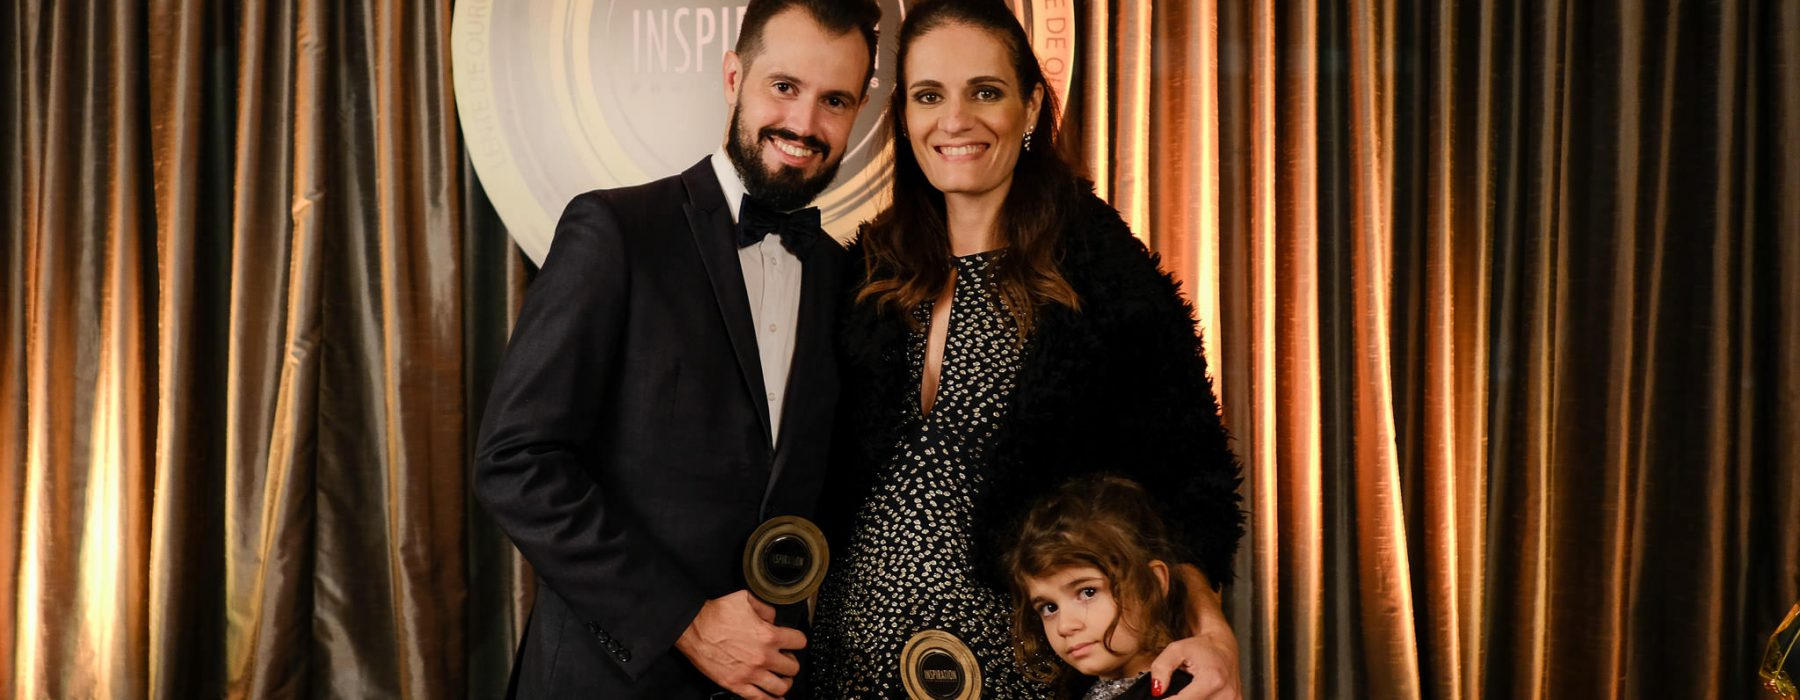 Melhor Fotógrafo de Família do Ano 2017